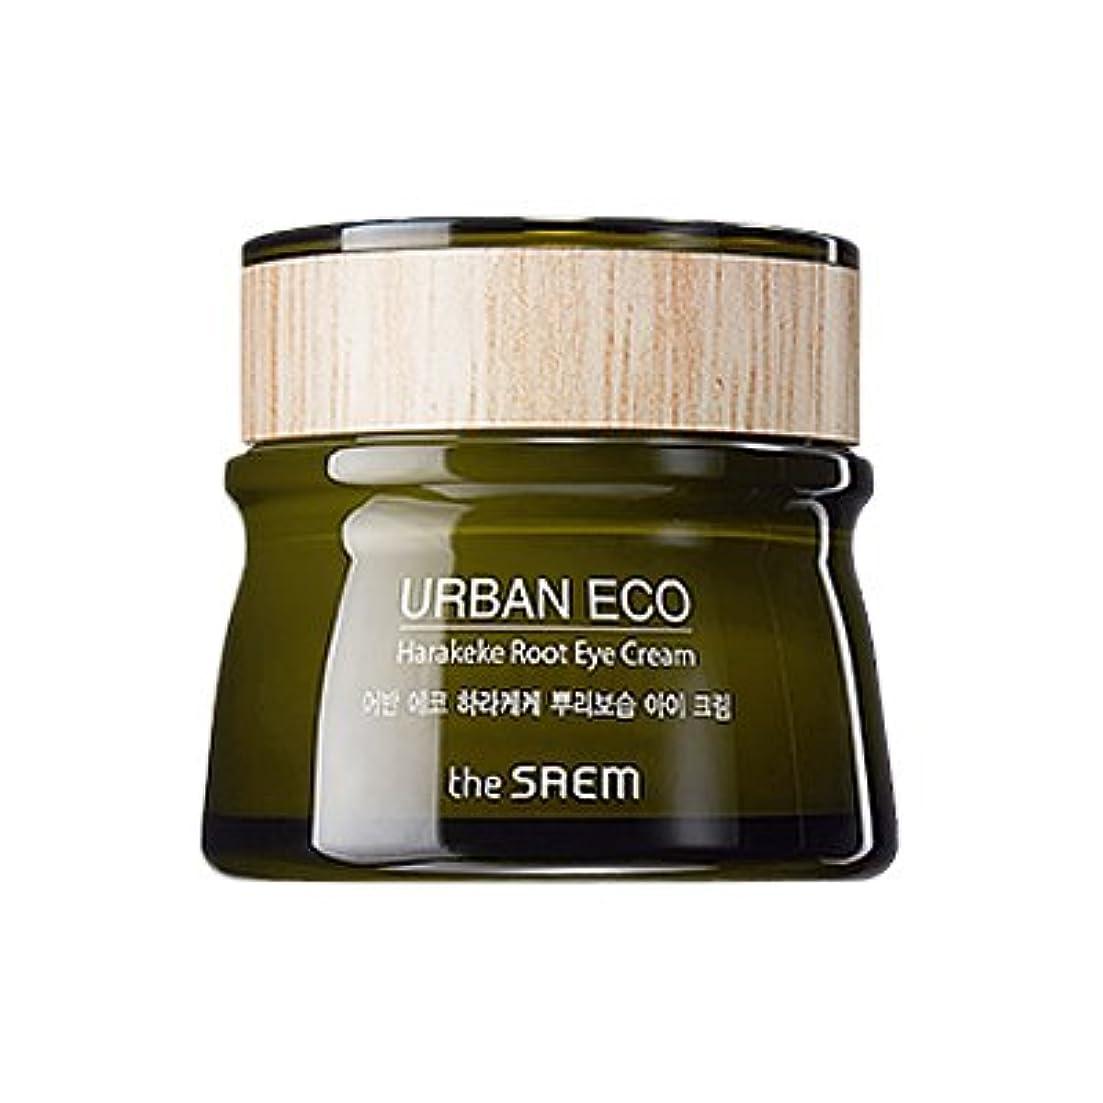 同意する開示する放棄するThe SAEM Urban Eco Harakeke Root Eye Creamザセムアーバンエコハラケケ根保湿アイクリーム [並行輸入品]